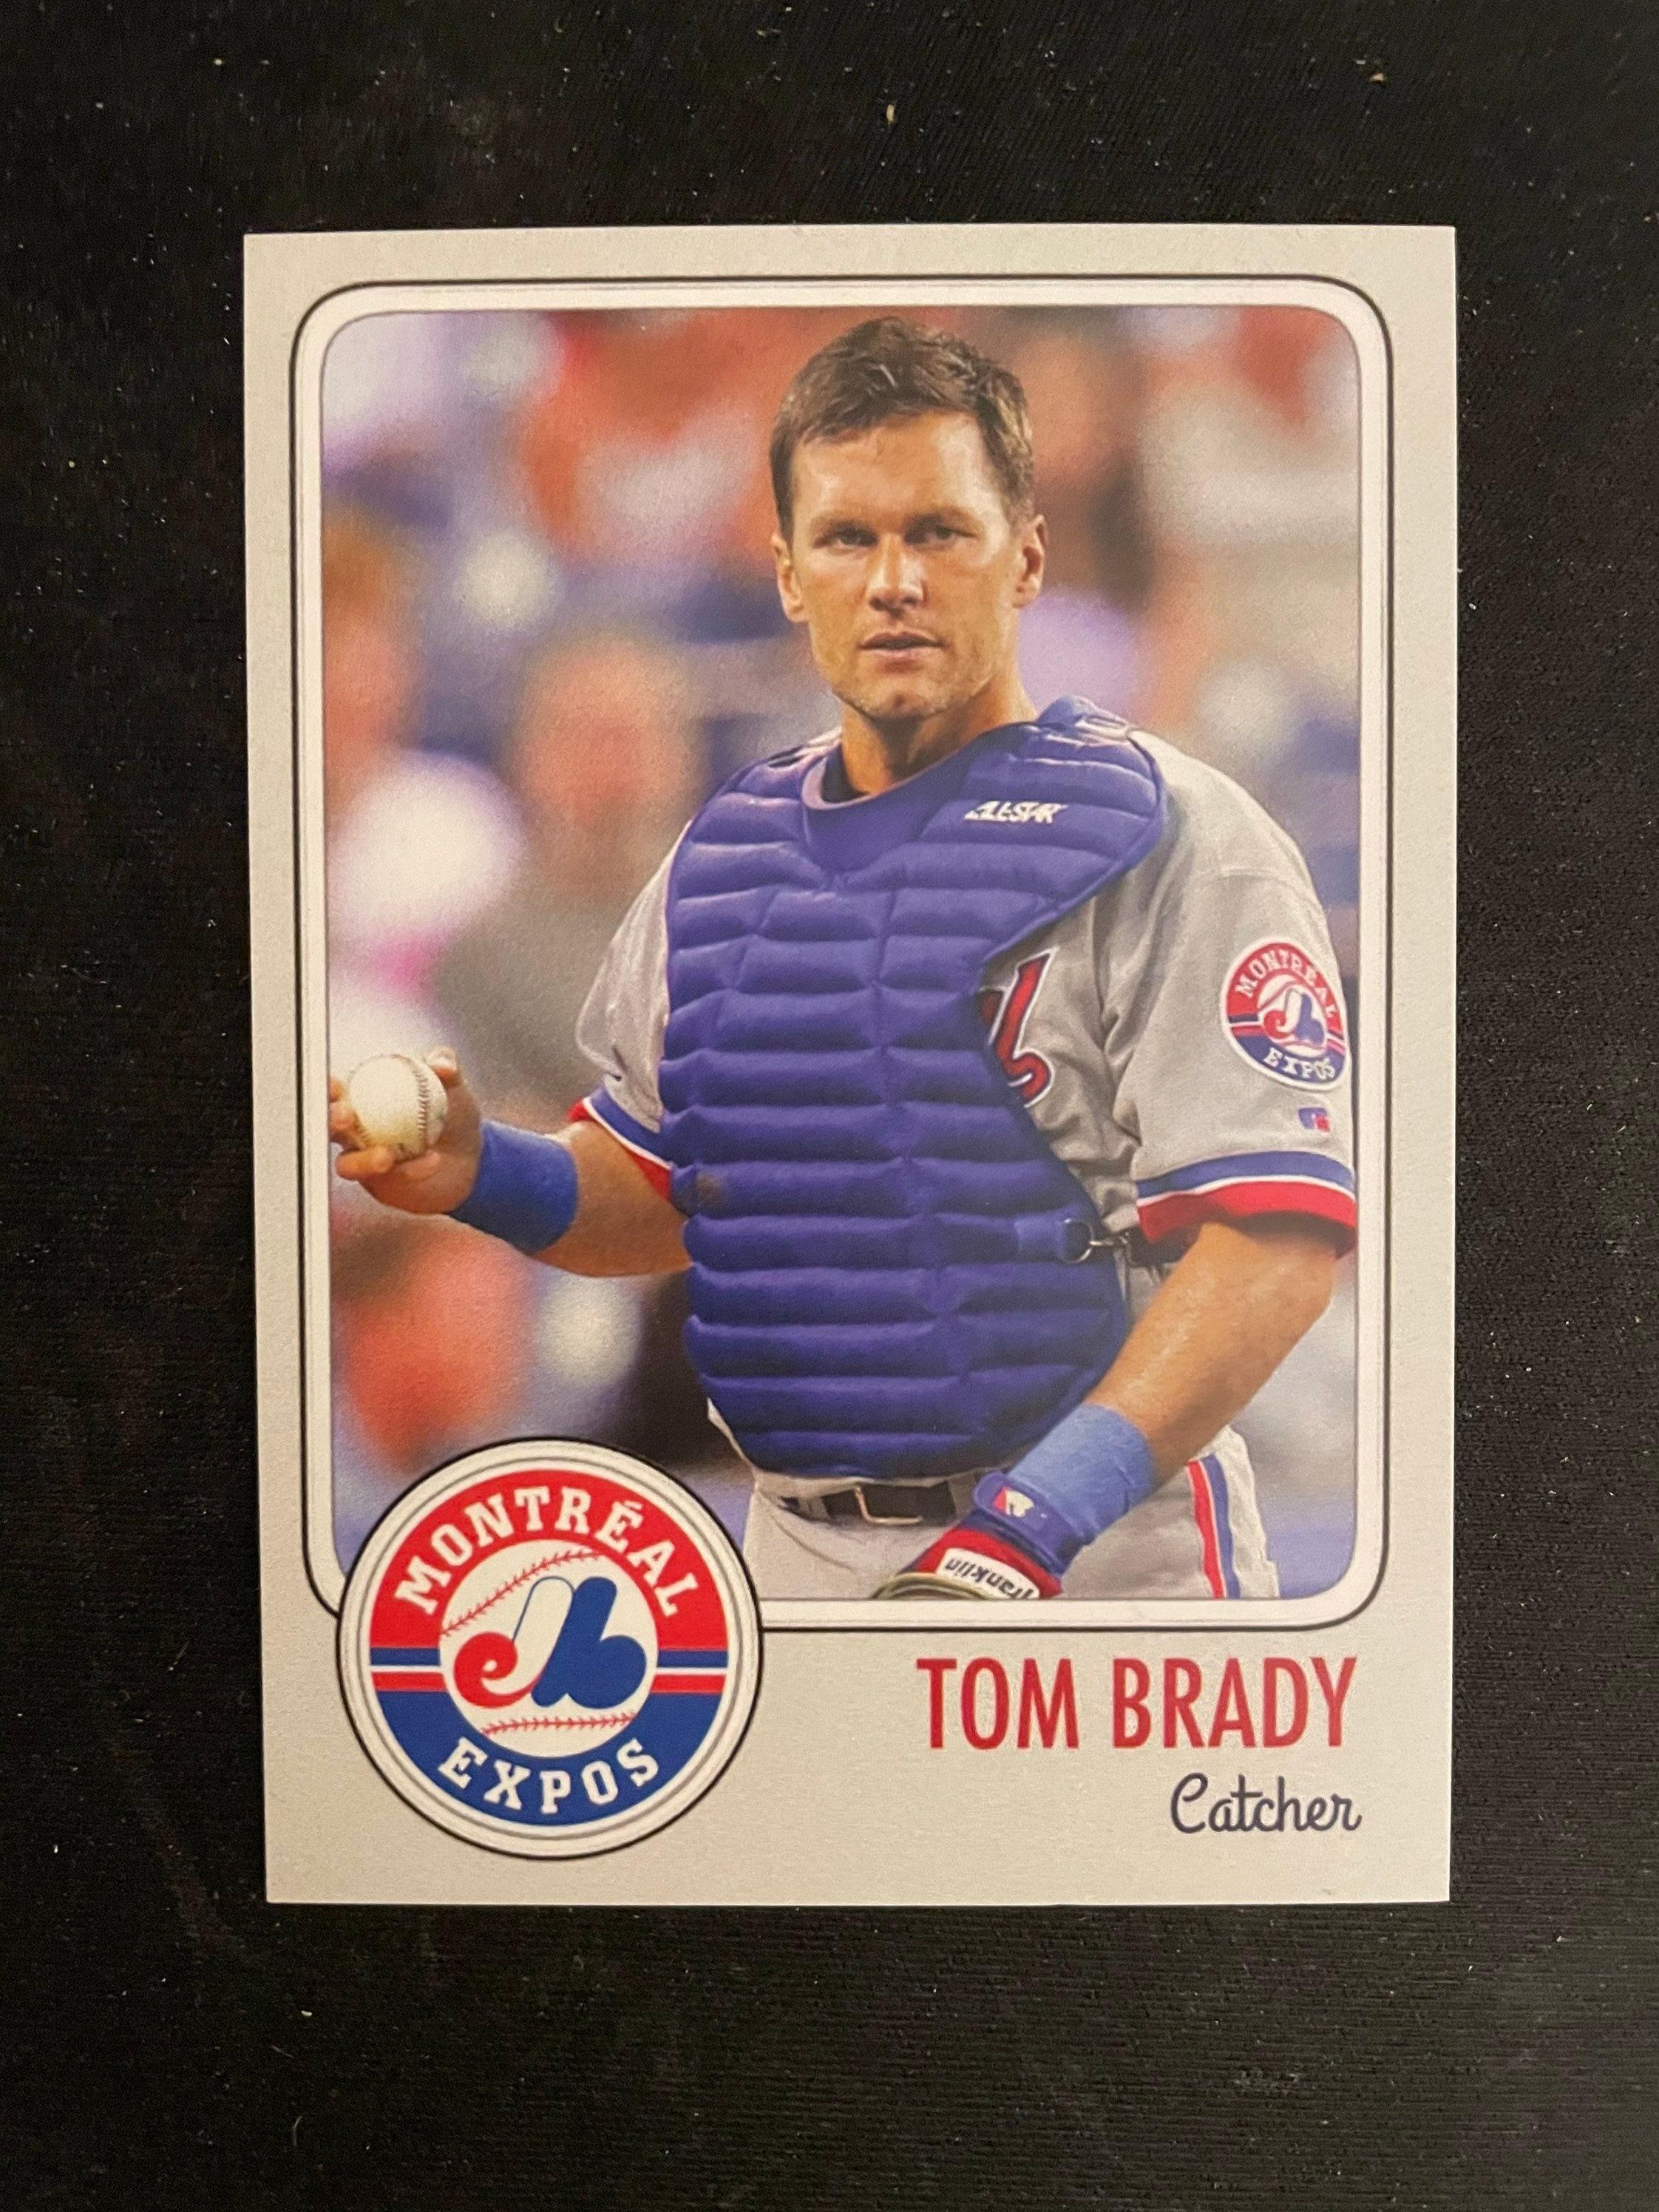 Tom Brady 1995 MLB Draft Rookie Card Montreal Expos